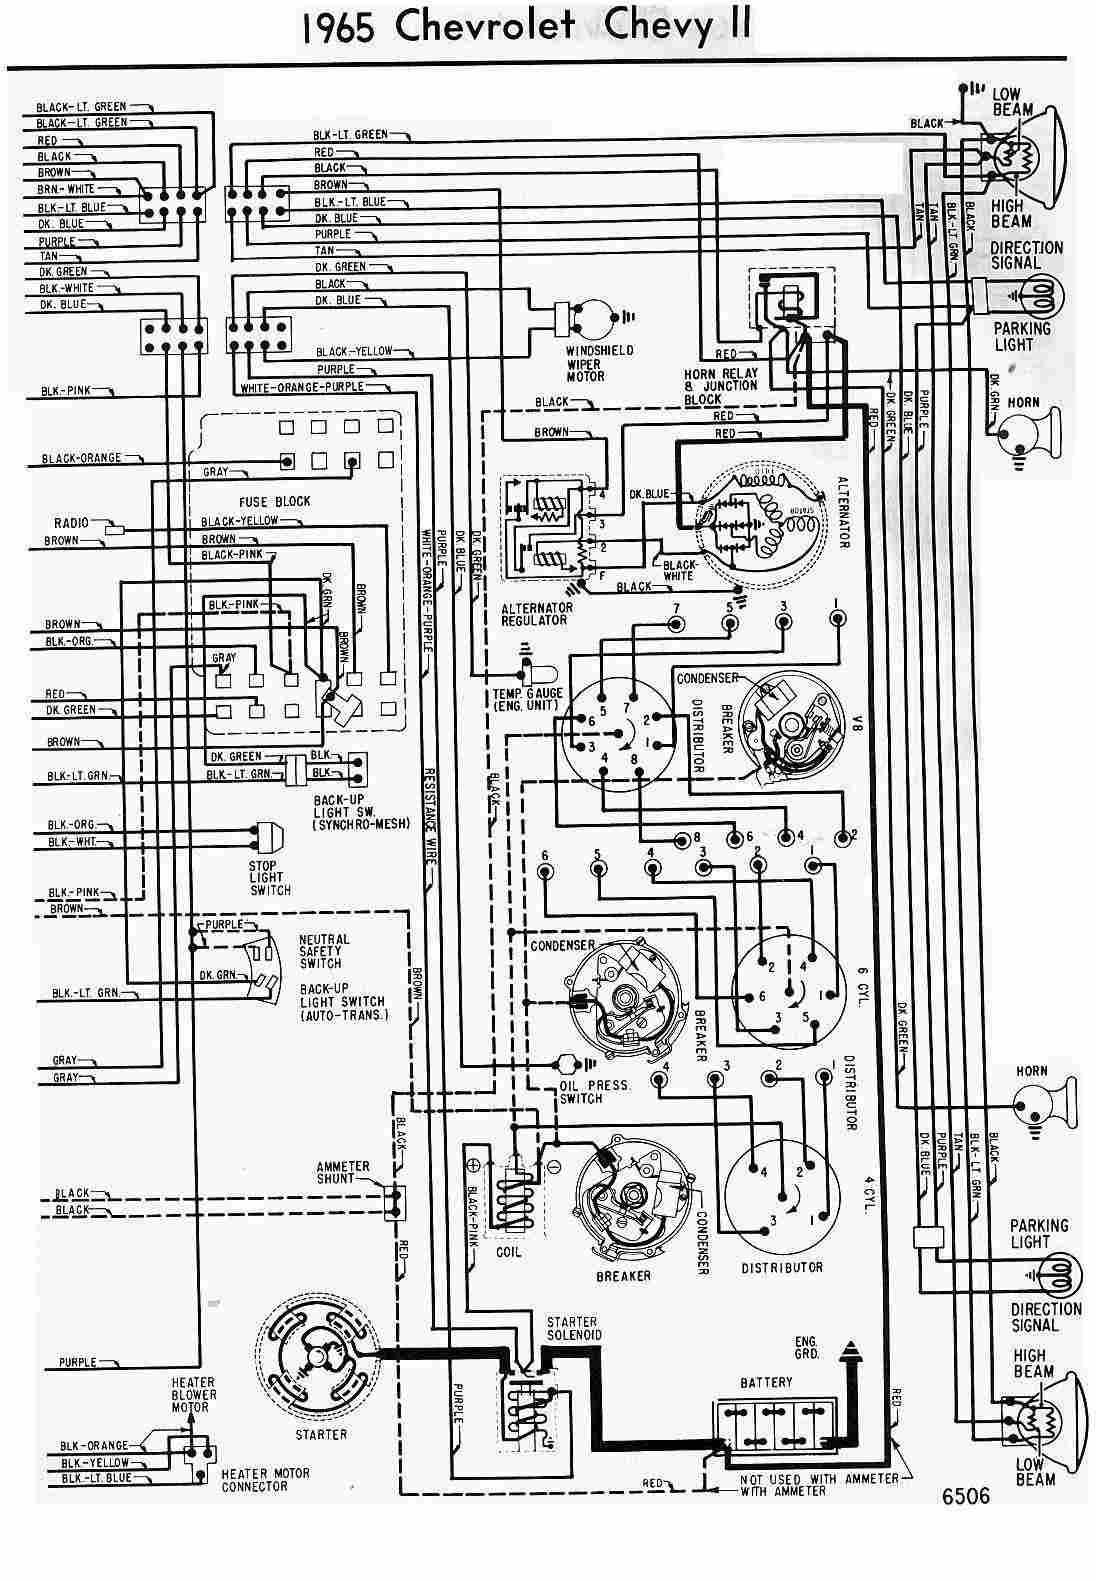 hight resolution of 2011 chevy aveo ignition wiring diagram w wiring impala diagrams wiring diagrams schematicsrh